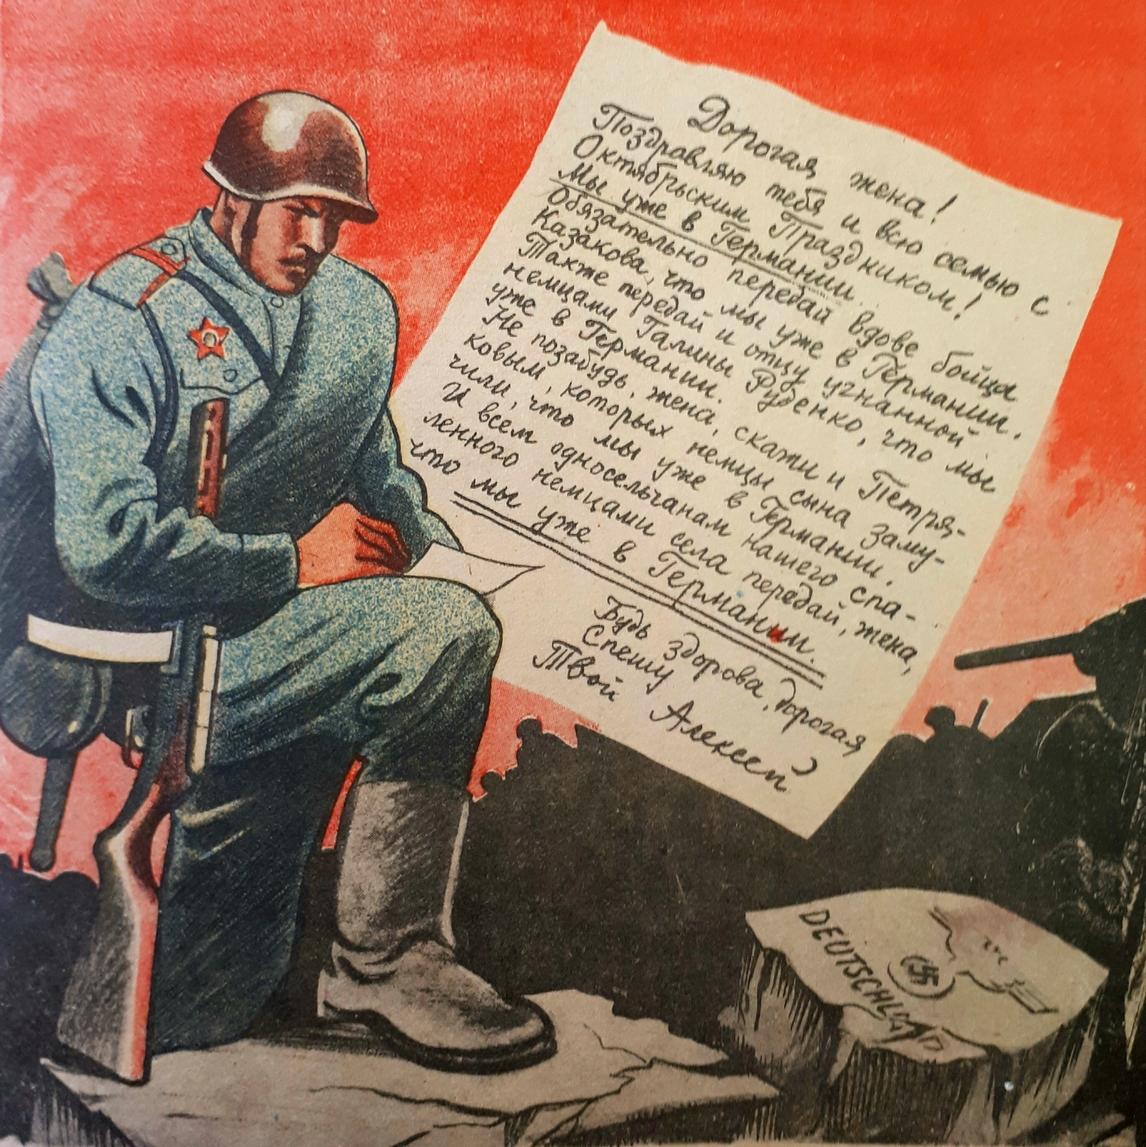 Выставка «Периодическая печать военных лет (1941–1945 гг.) и её вклад в Победу» – события на сайте «Московские Сезоны»